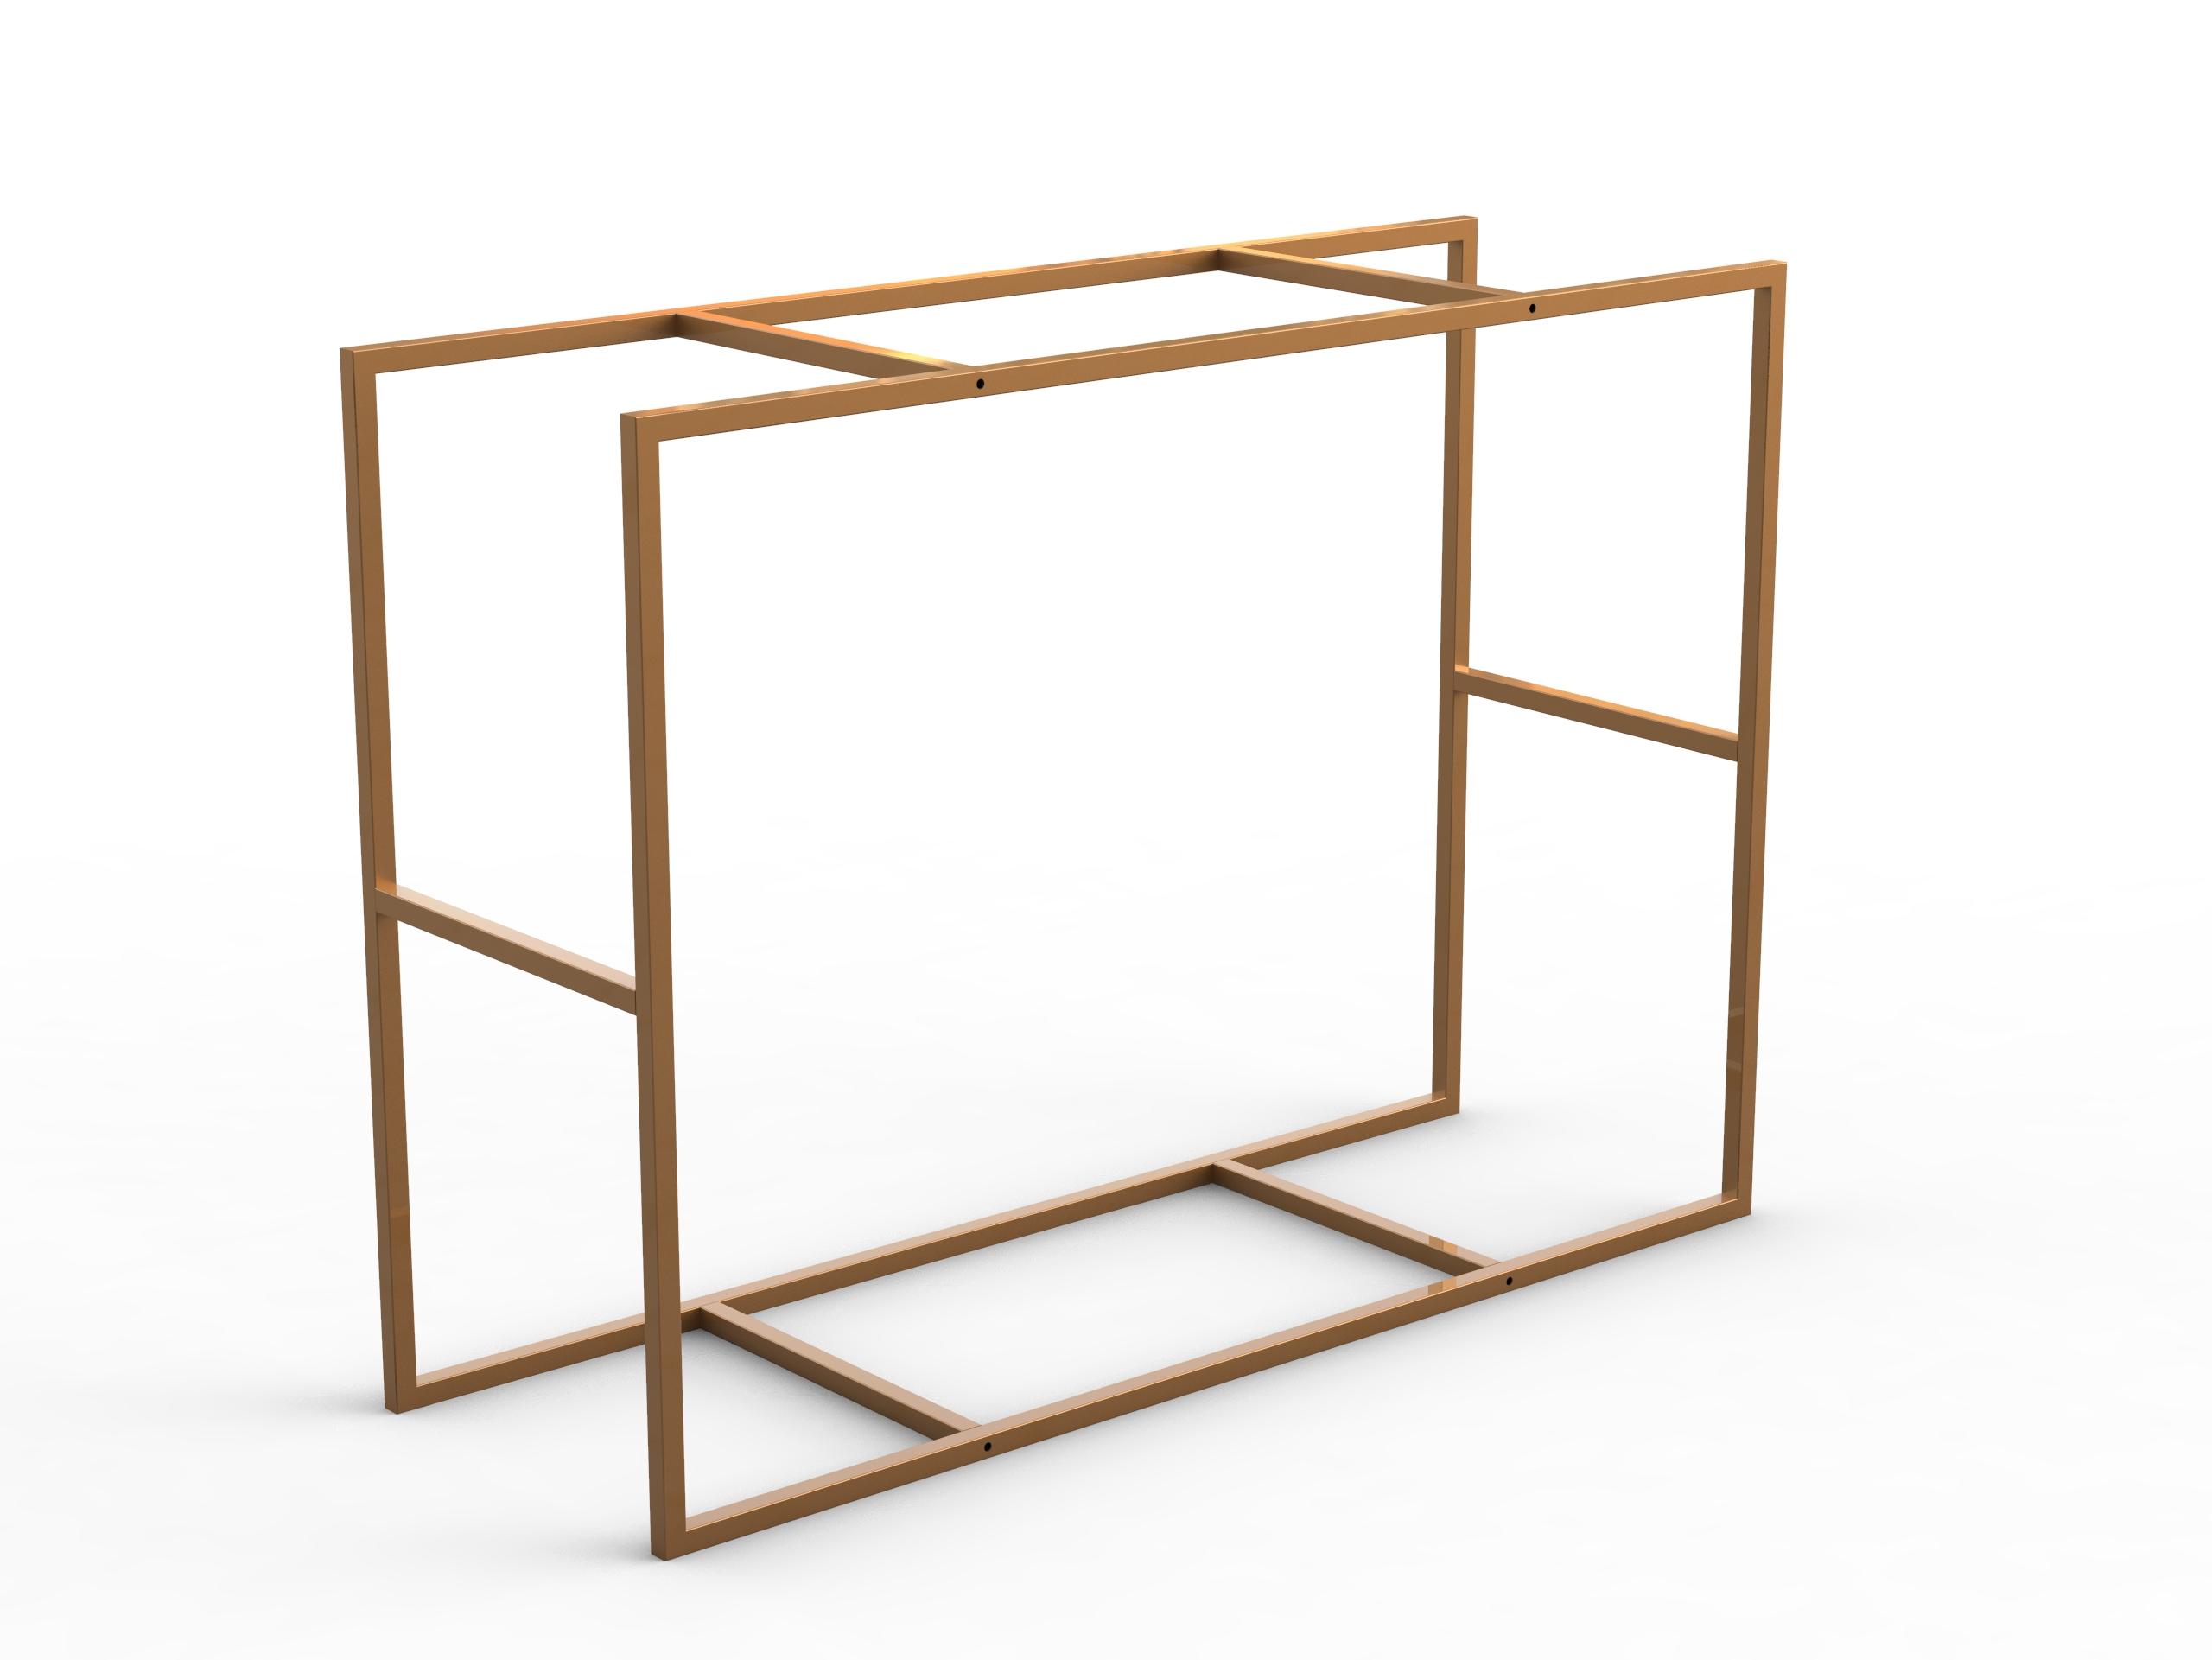 Cua400 struttura tavolo alto for Tavolo tondo alto